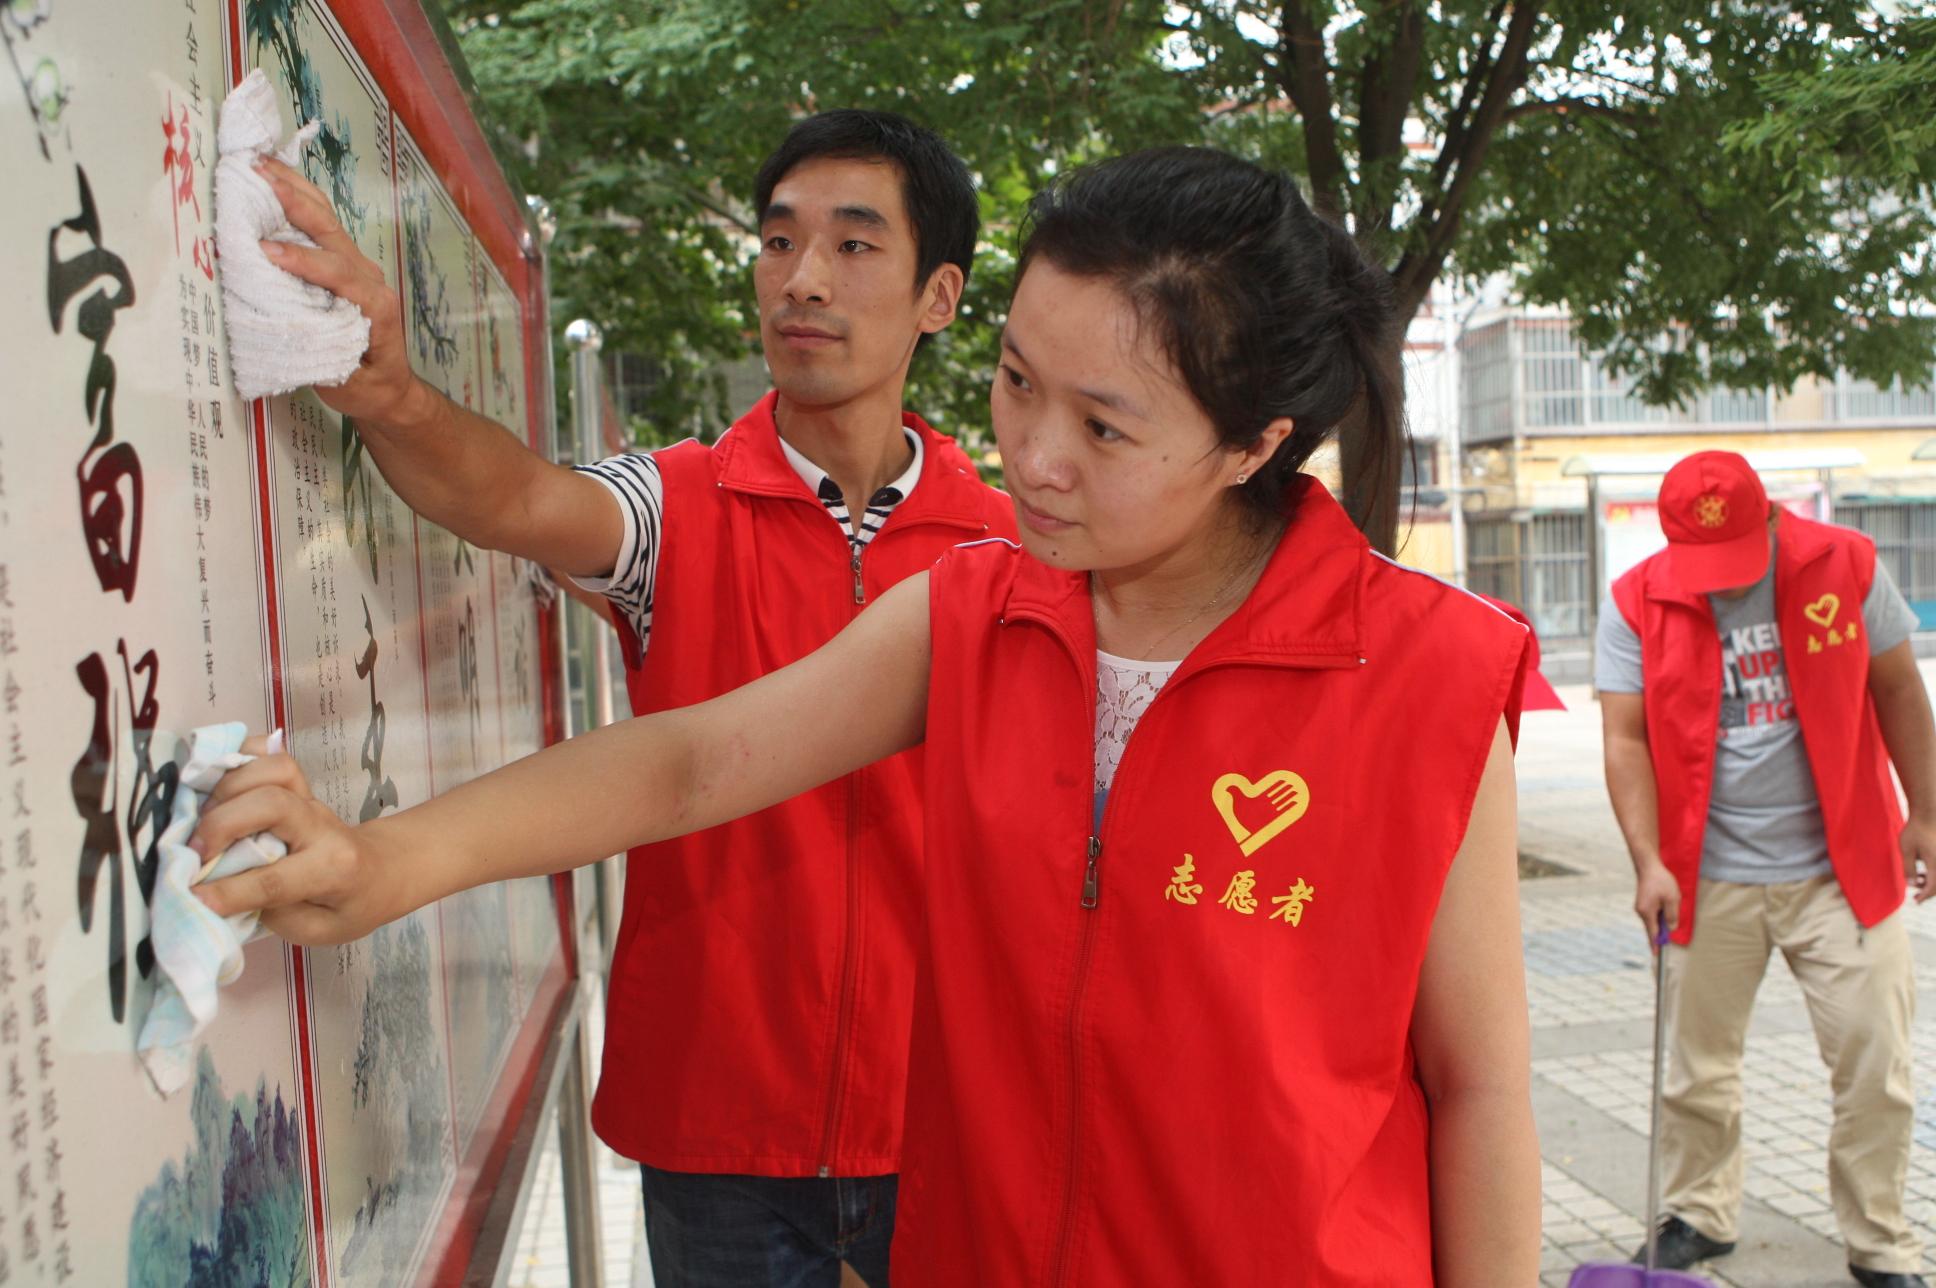 图片新闻:新建志愿服务主题园 传递社会正能量